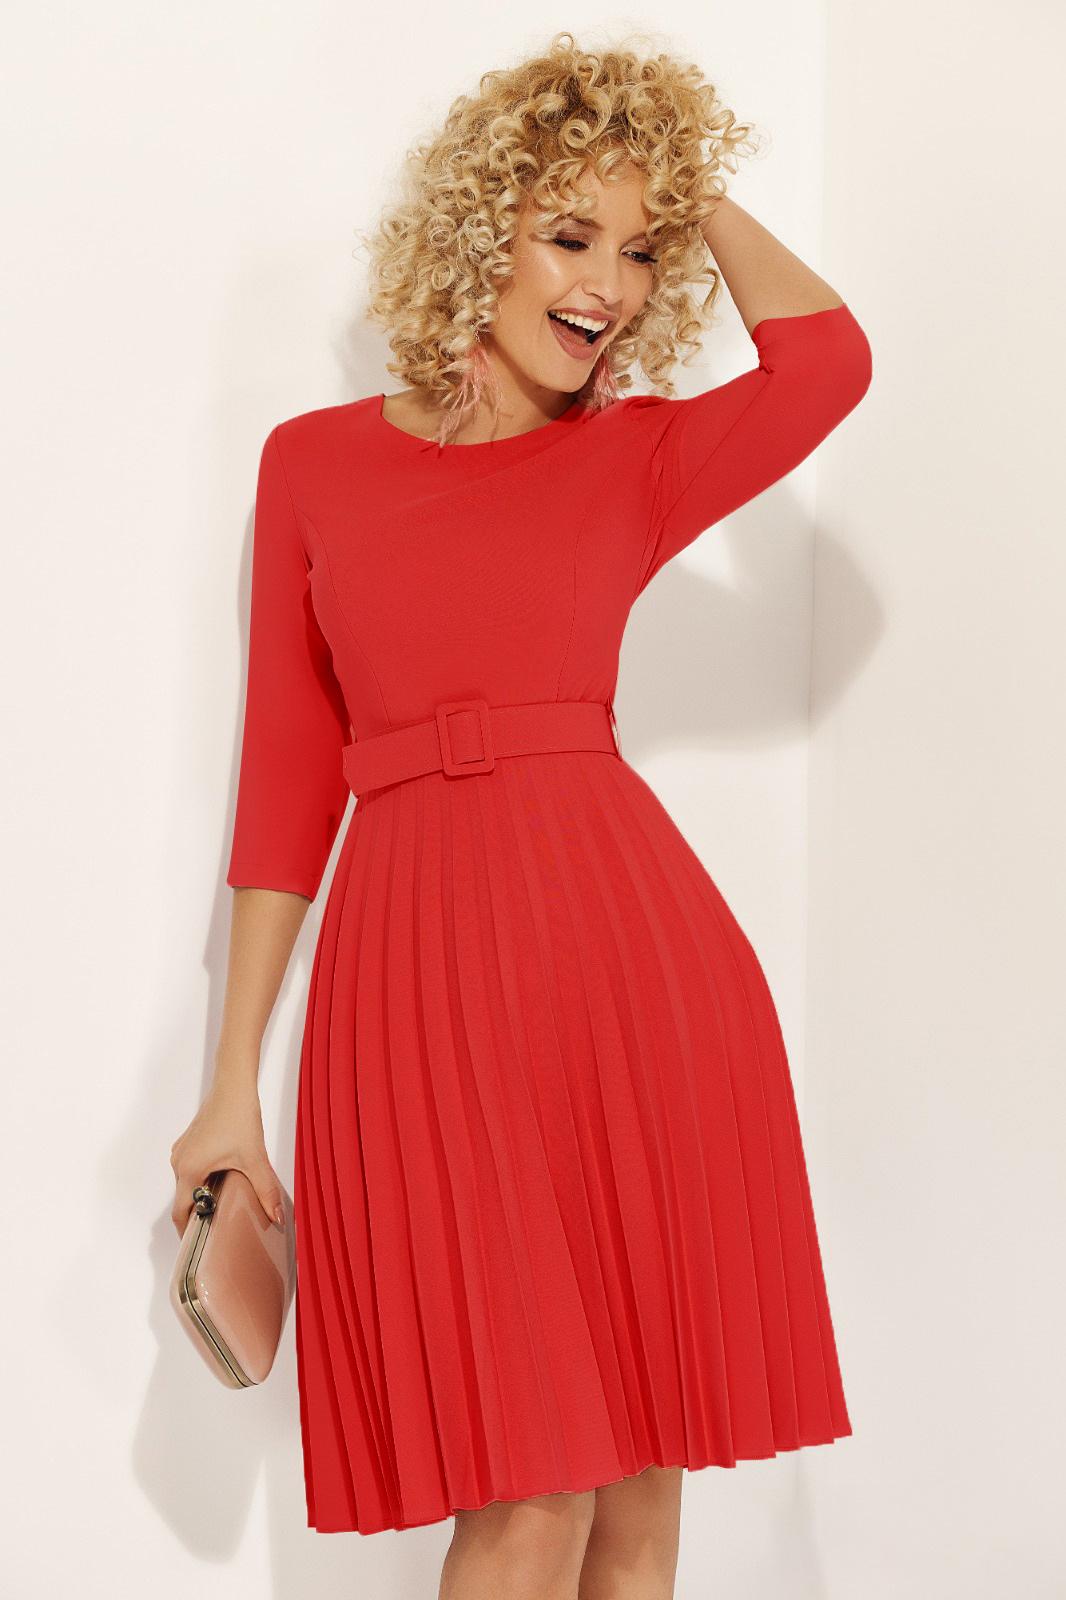 Rochie Fofy rosie eleganta in clos din stofa usor elastica plisata accesorizata cu cordon